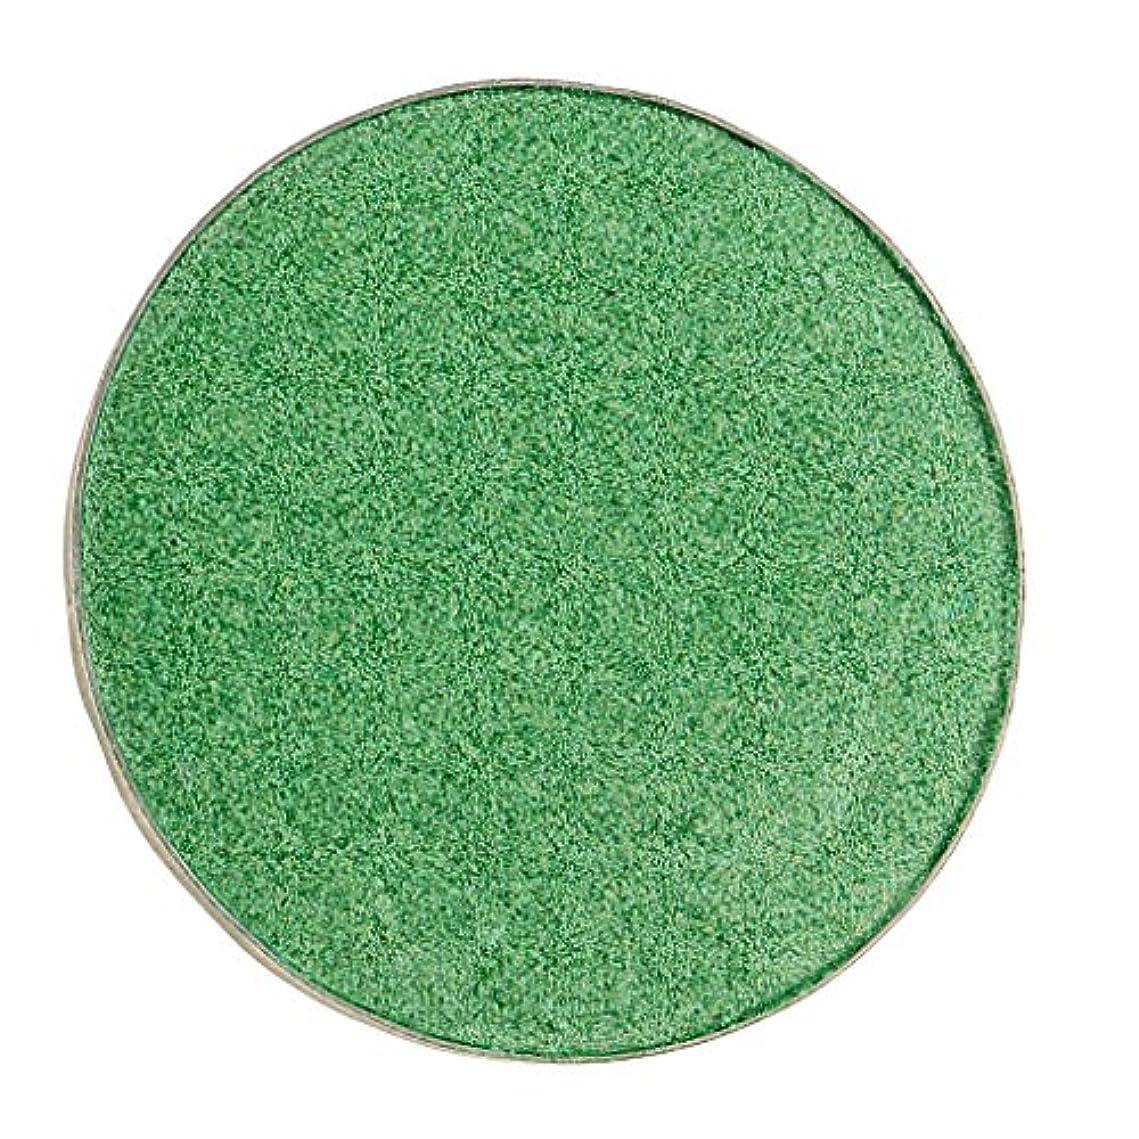 空いている空いている淡い化粧品用 アイシャドウ ハイライター パレット マット シマー アイシャドーメイク 目 魅力的 全5色 - #38グリーン